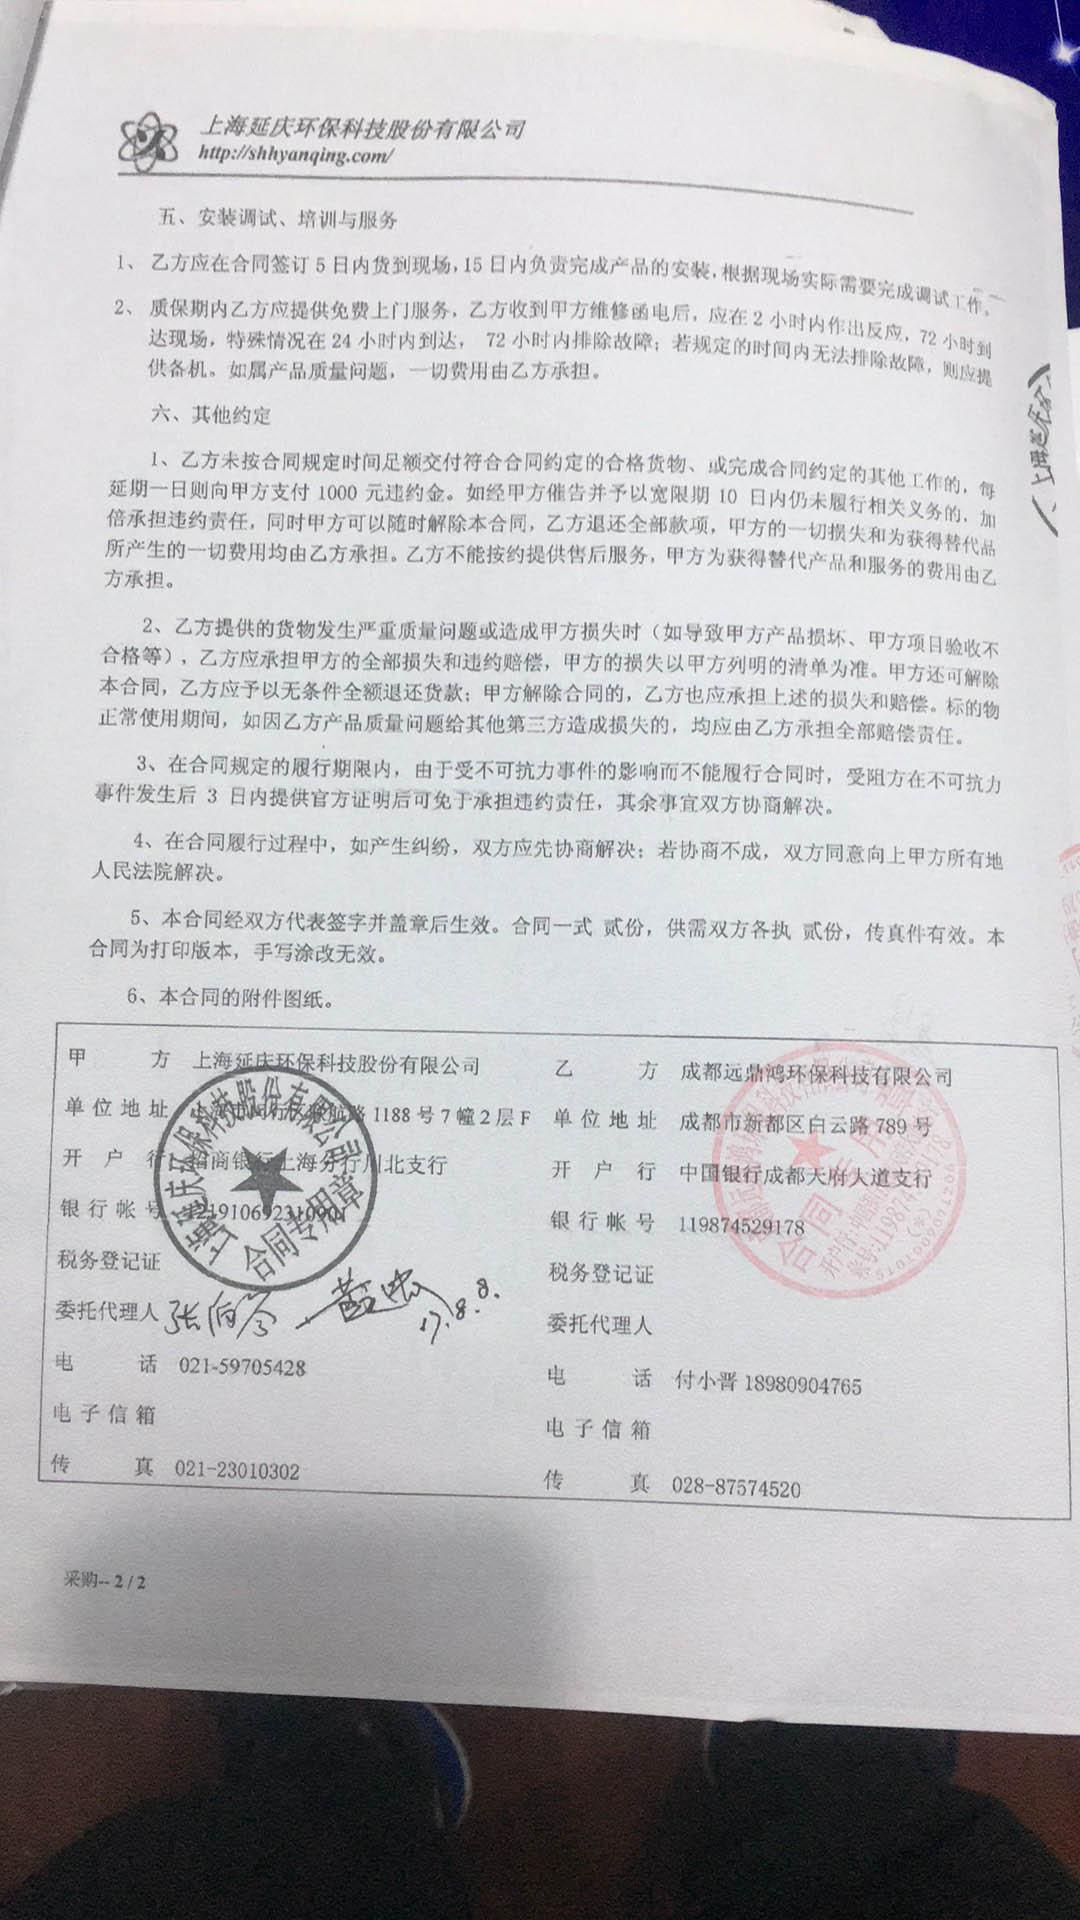 上海延庆环保科技股份有限公司